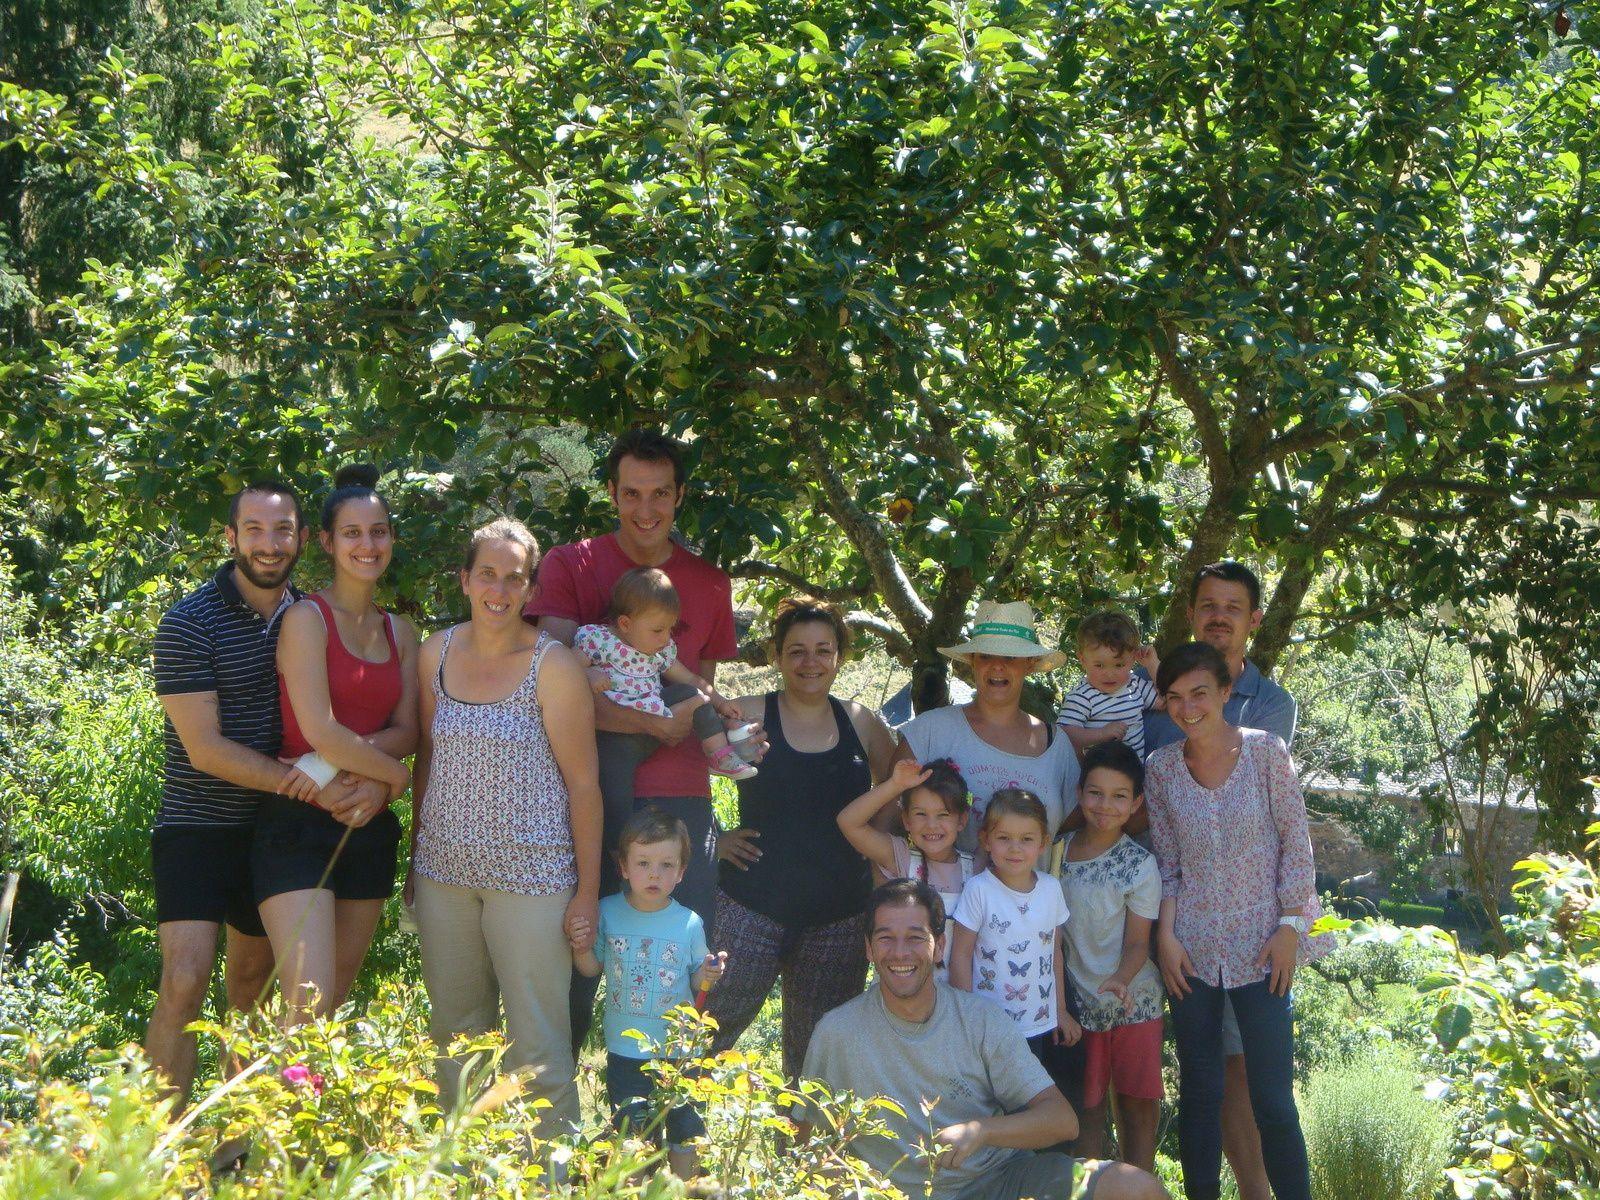 Suite de l'été en Aveyron et Cantal